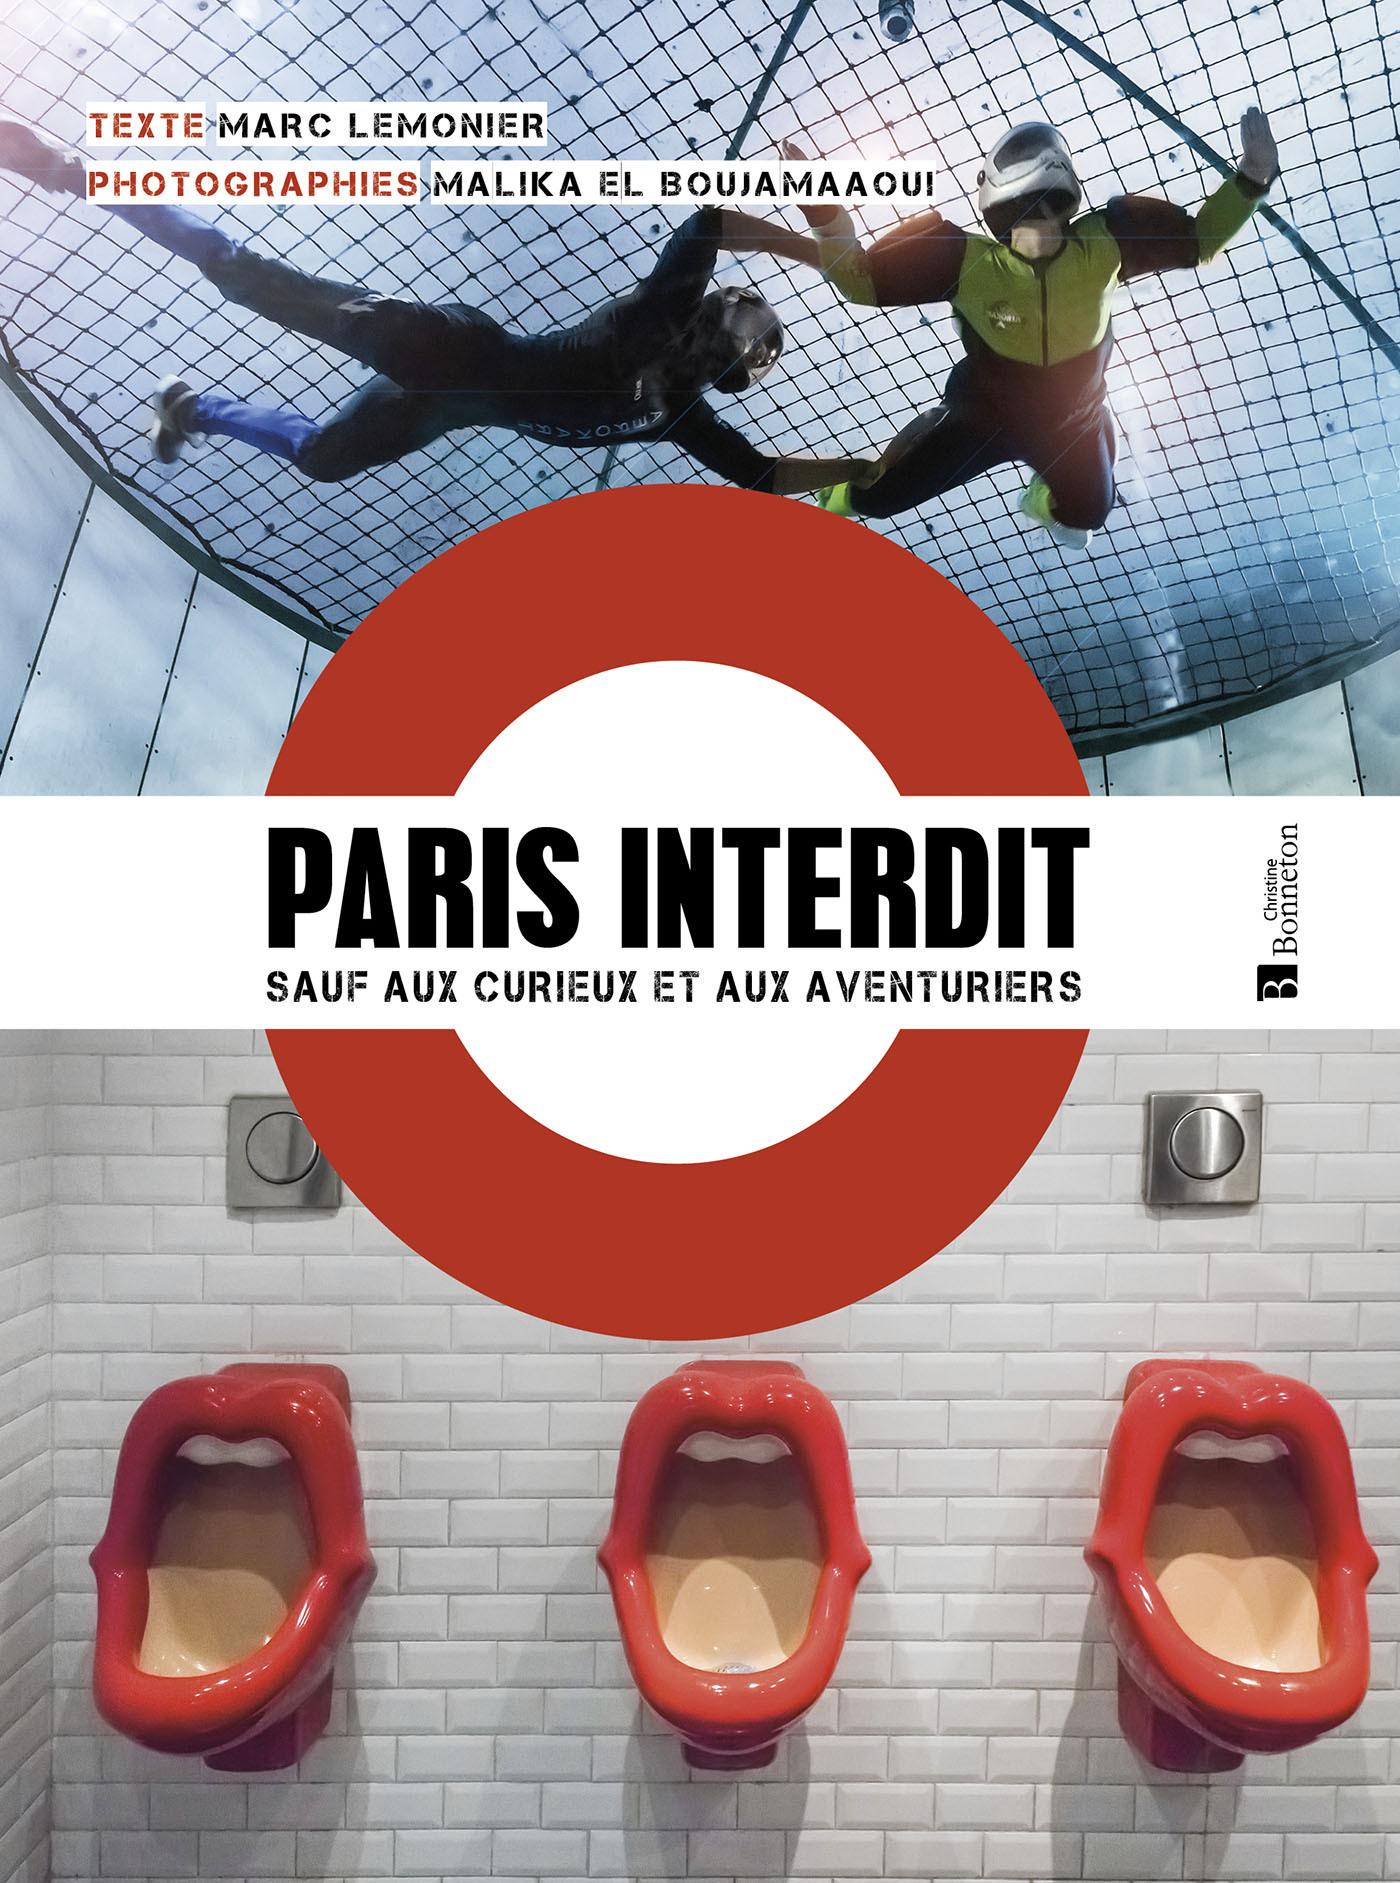 PARIS INTERDIT... SAUF AUX CURIEUX ET AUX AVENTURIERS